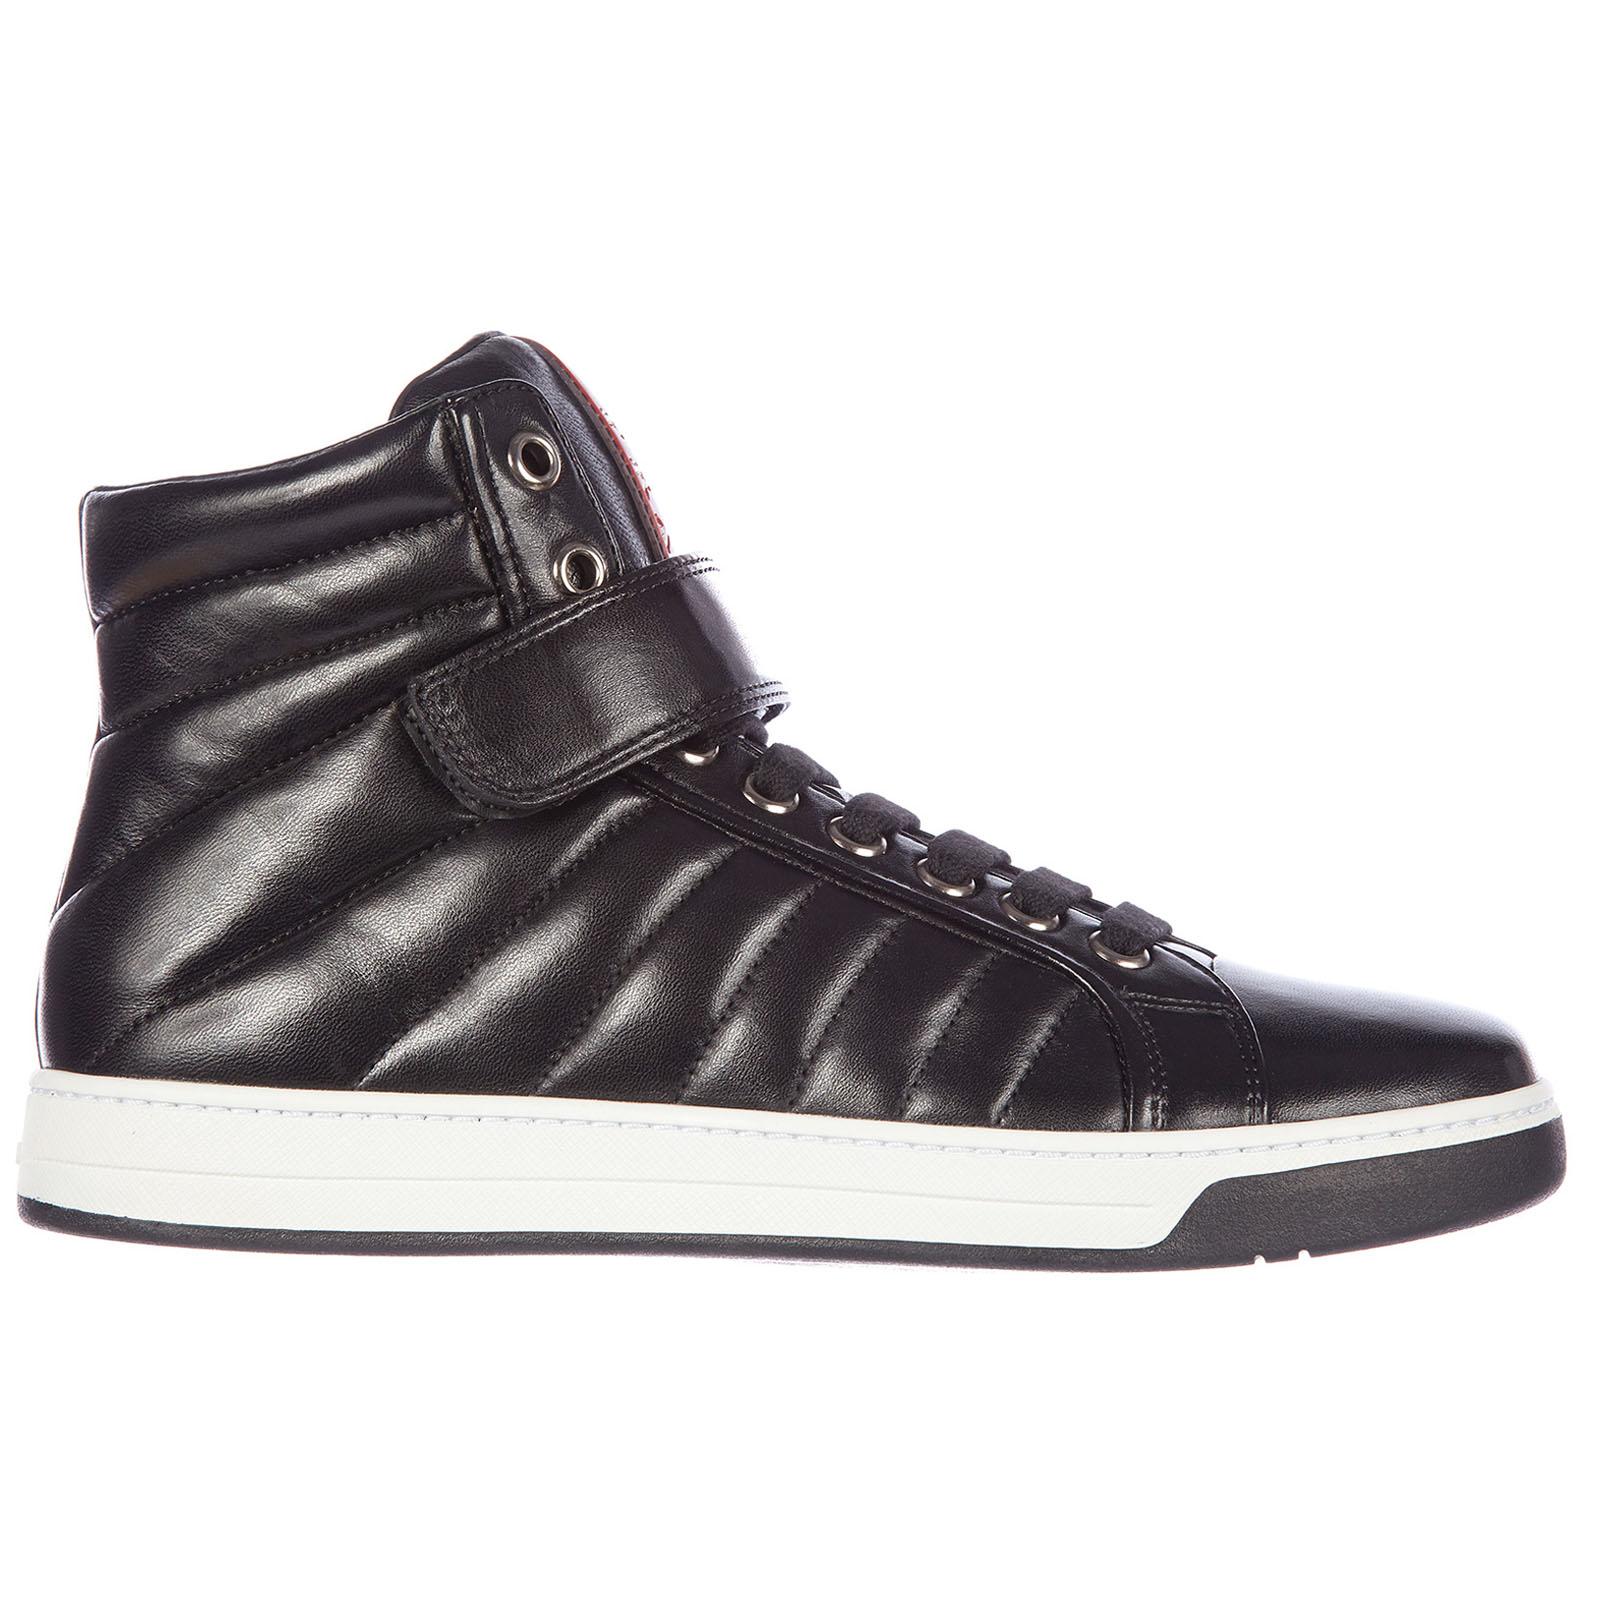 Scarpe sneakers alte uomo in pelle nappa sport ... 5bcd9c1bf60